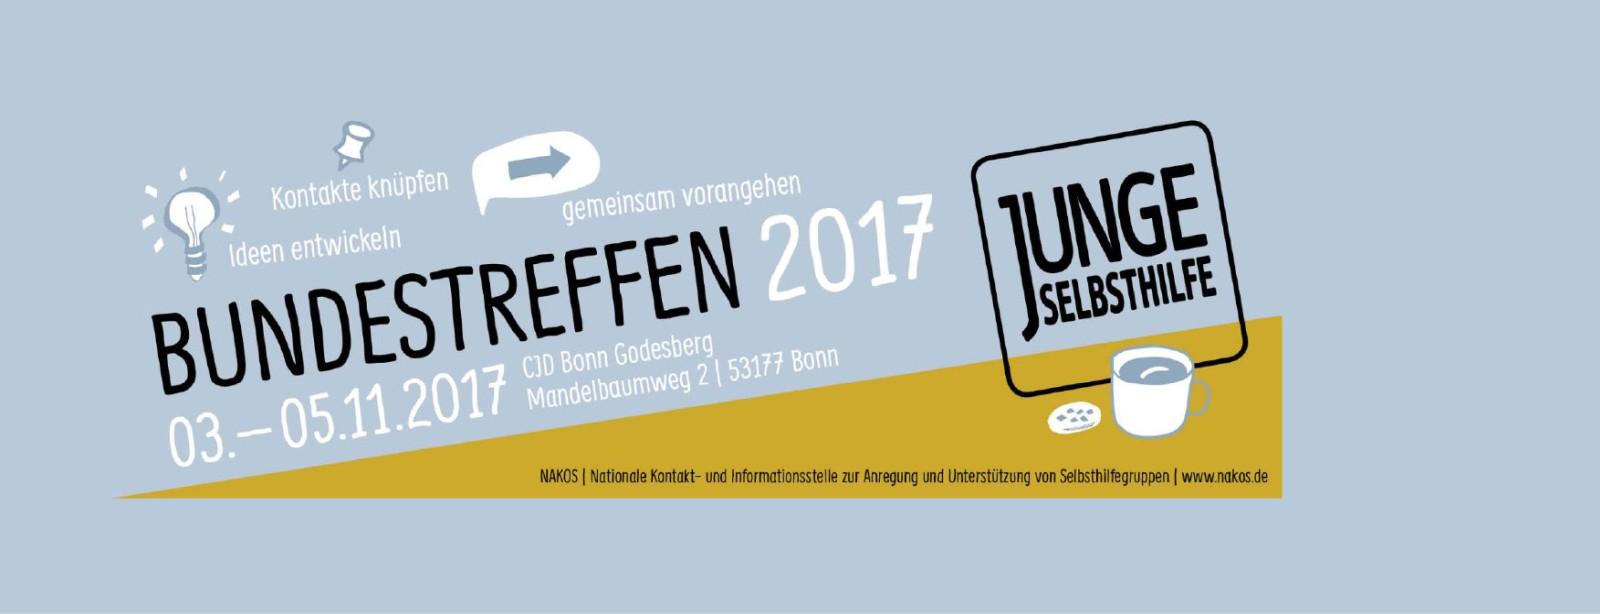 Banner: Bundestreffen Junge Selbsthilfe 2017